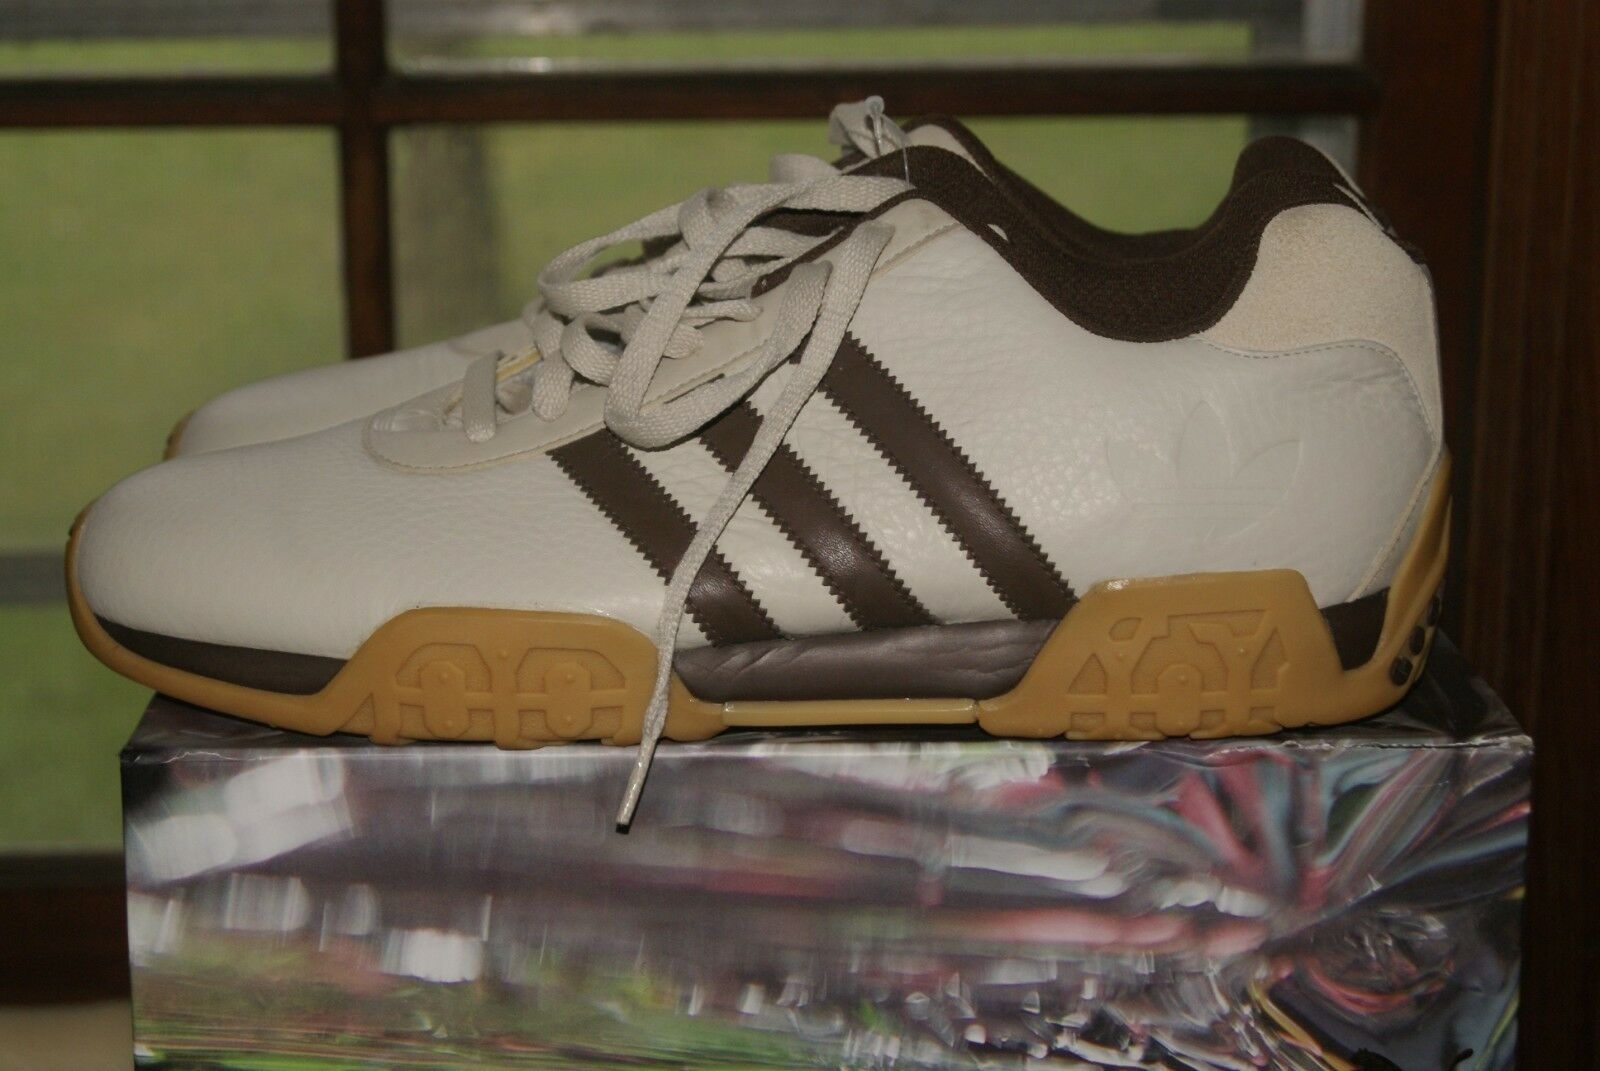 Adidas gutes jahr schuh schuh beige Braun goodyear sz 13 deadstock selten goodyear Braun 88074b